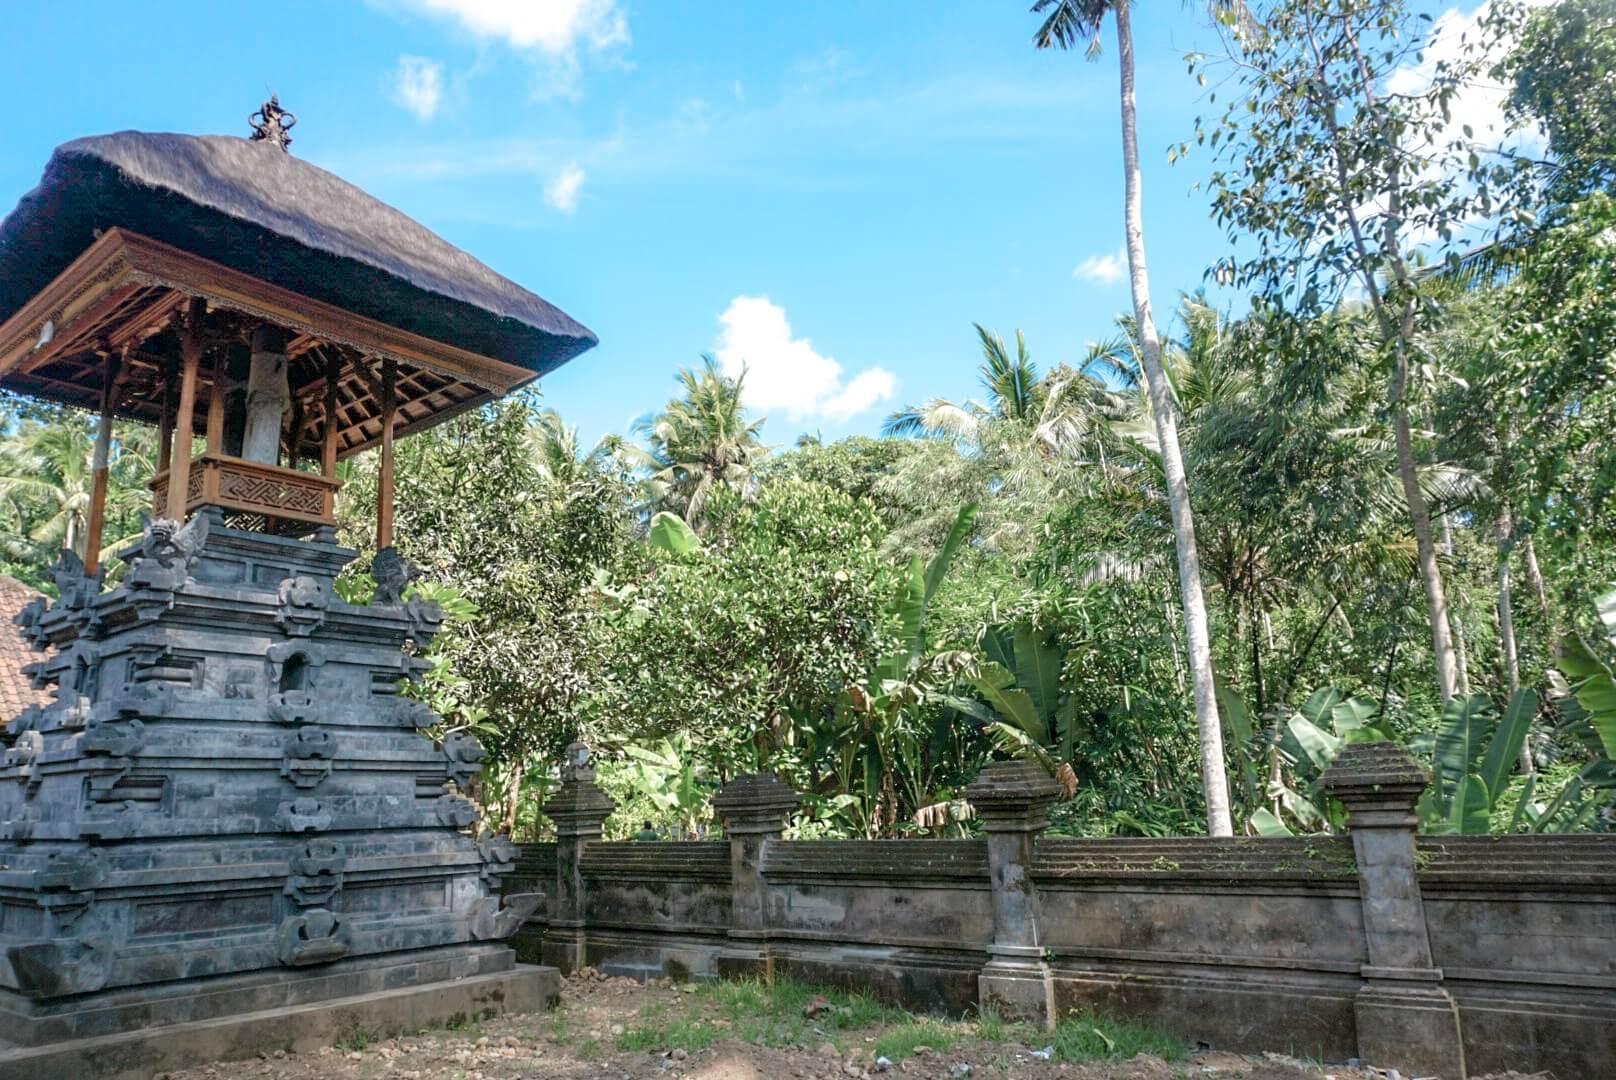 Visiter le temple de Goa Gajah par ubud Bali